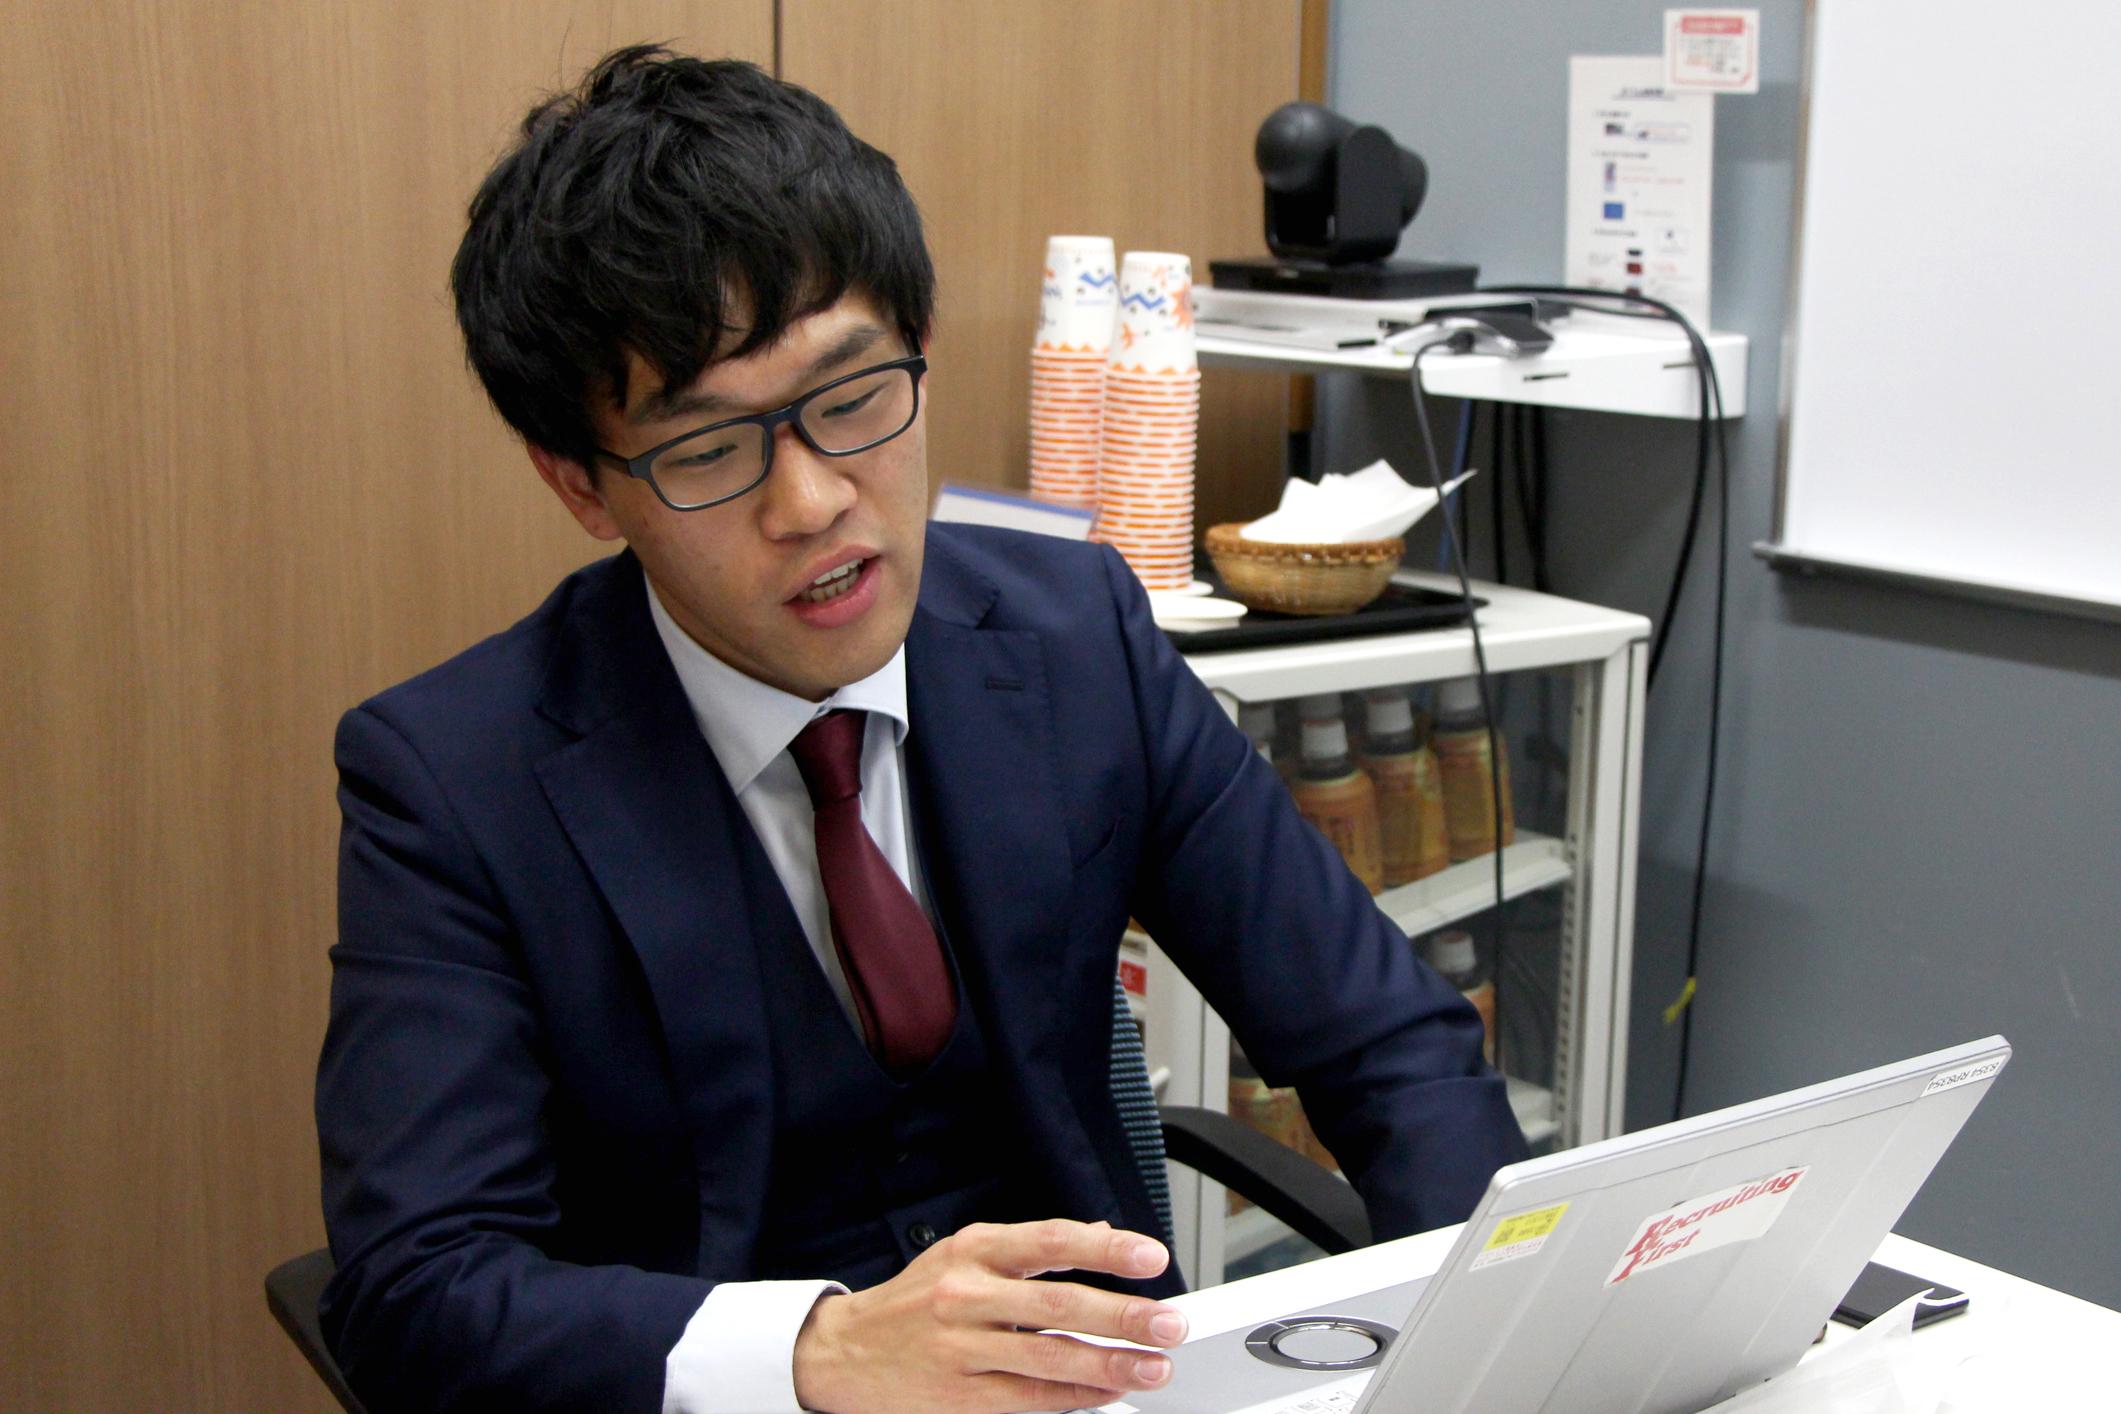 株式会社船井総合研究所 HR支援本部 シニア経営コンサルタント・宮花宙希さん